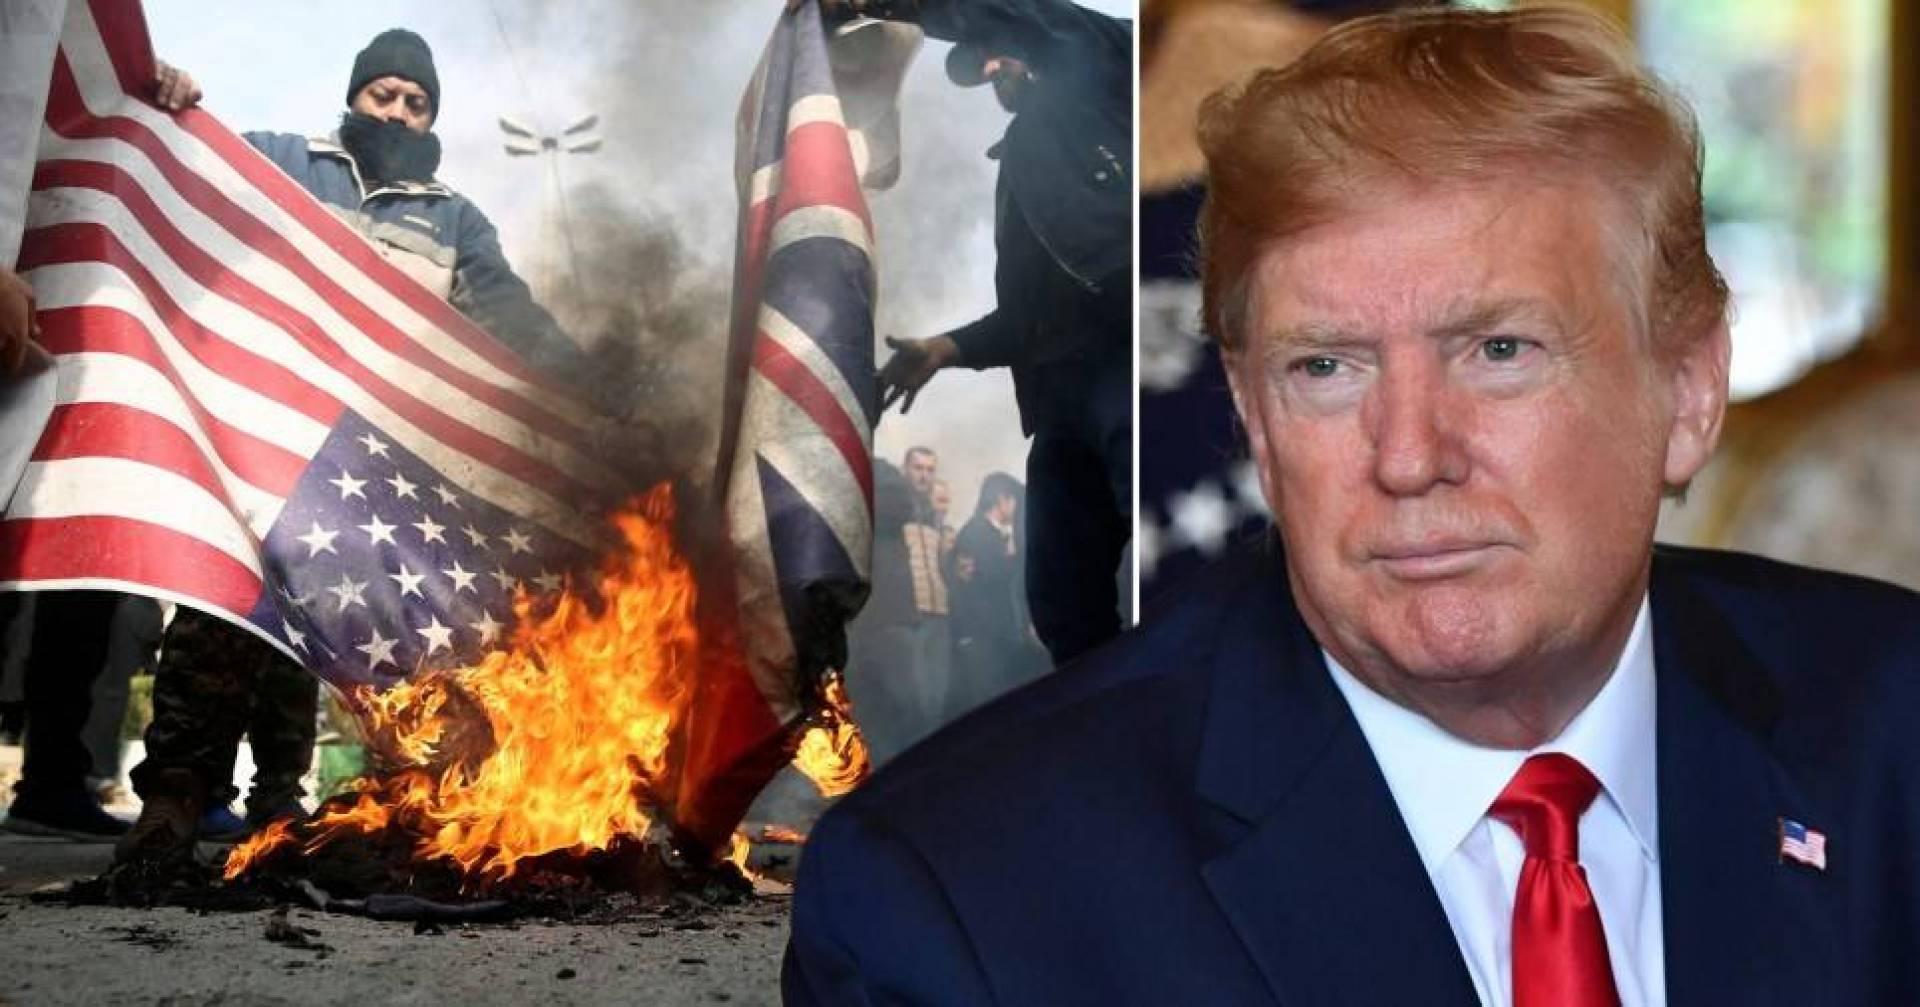 الولايات المتحدة: وضع إيران جائزة لقتل ترامب يبرز الأسس الإرهابية لهذا النظام